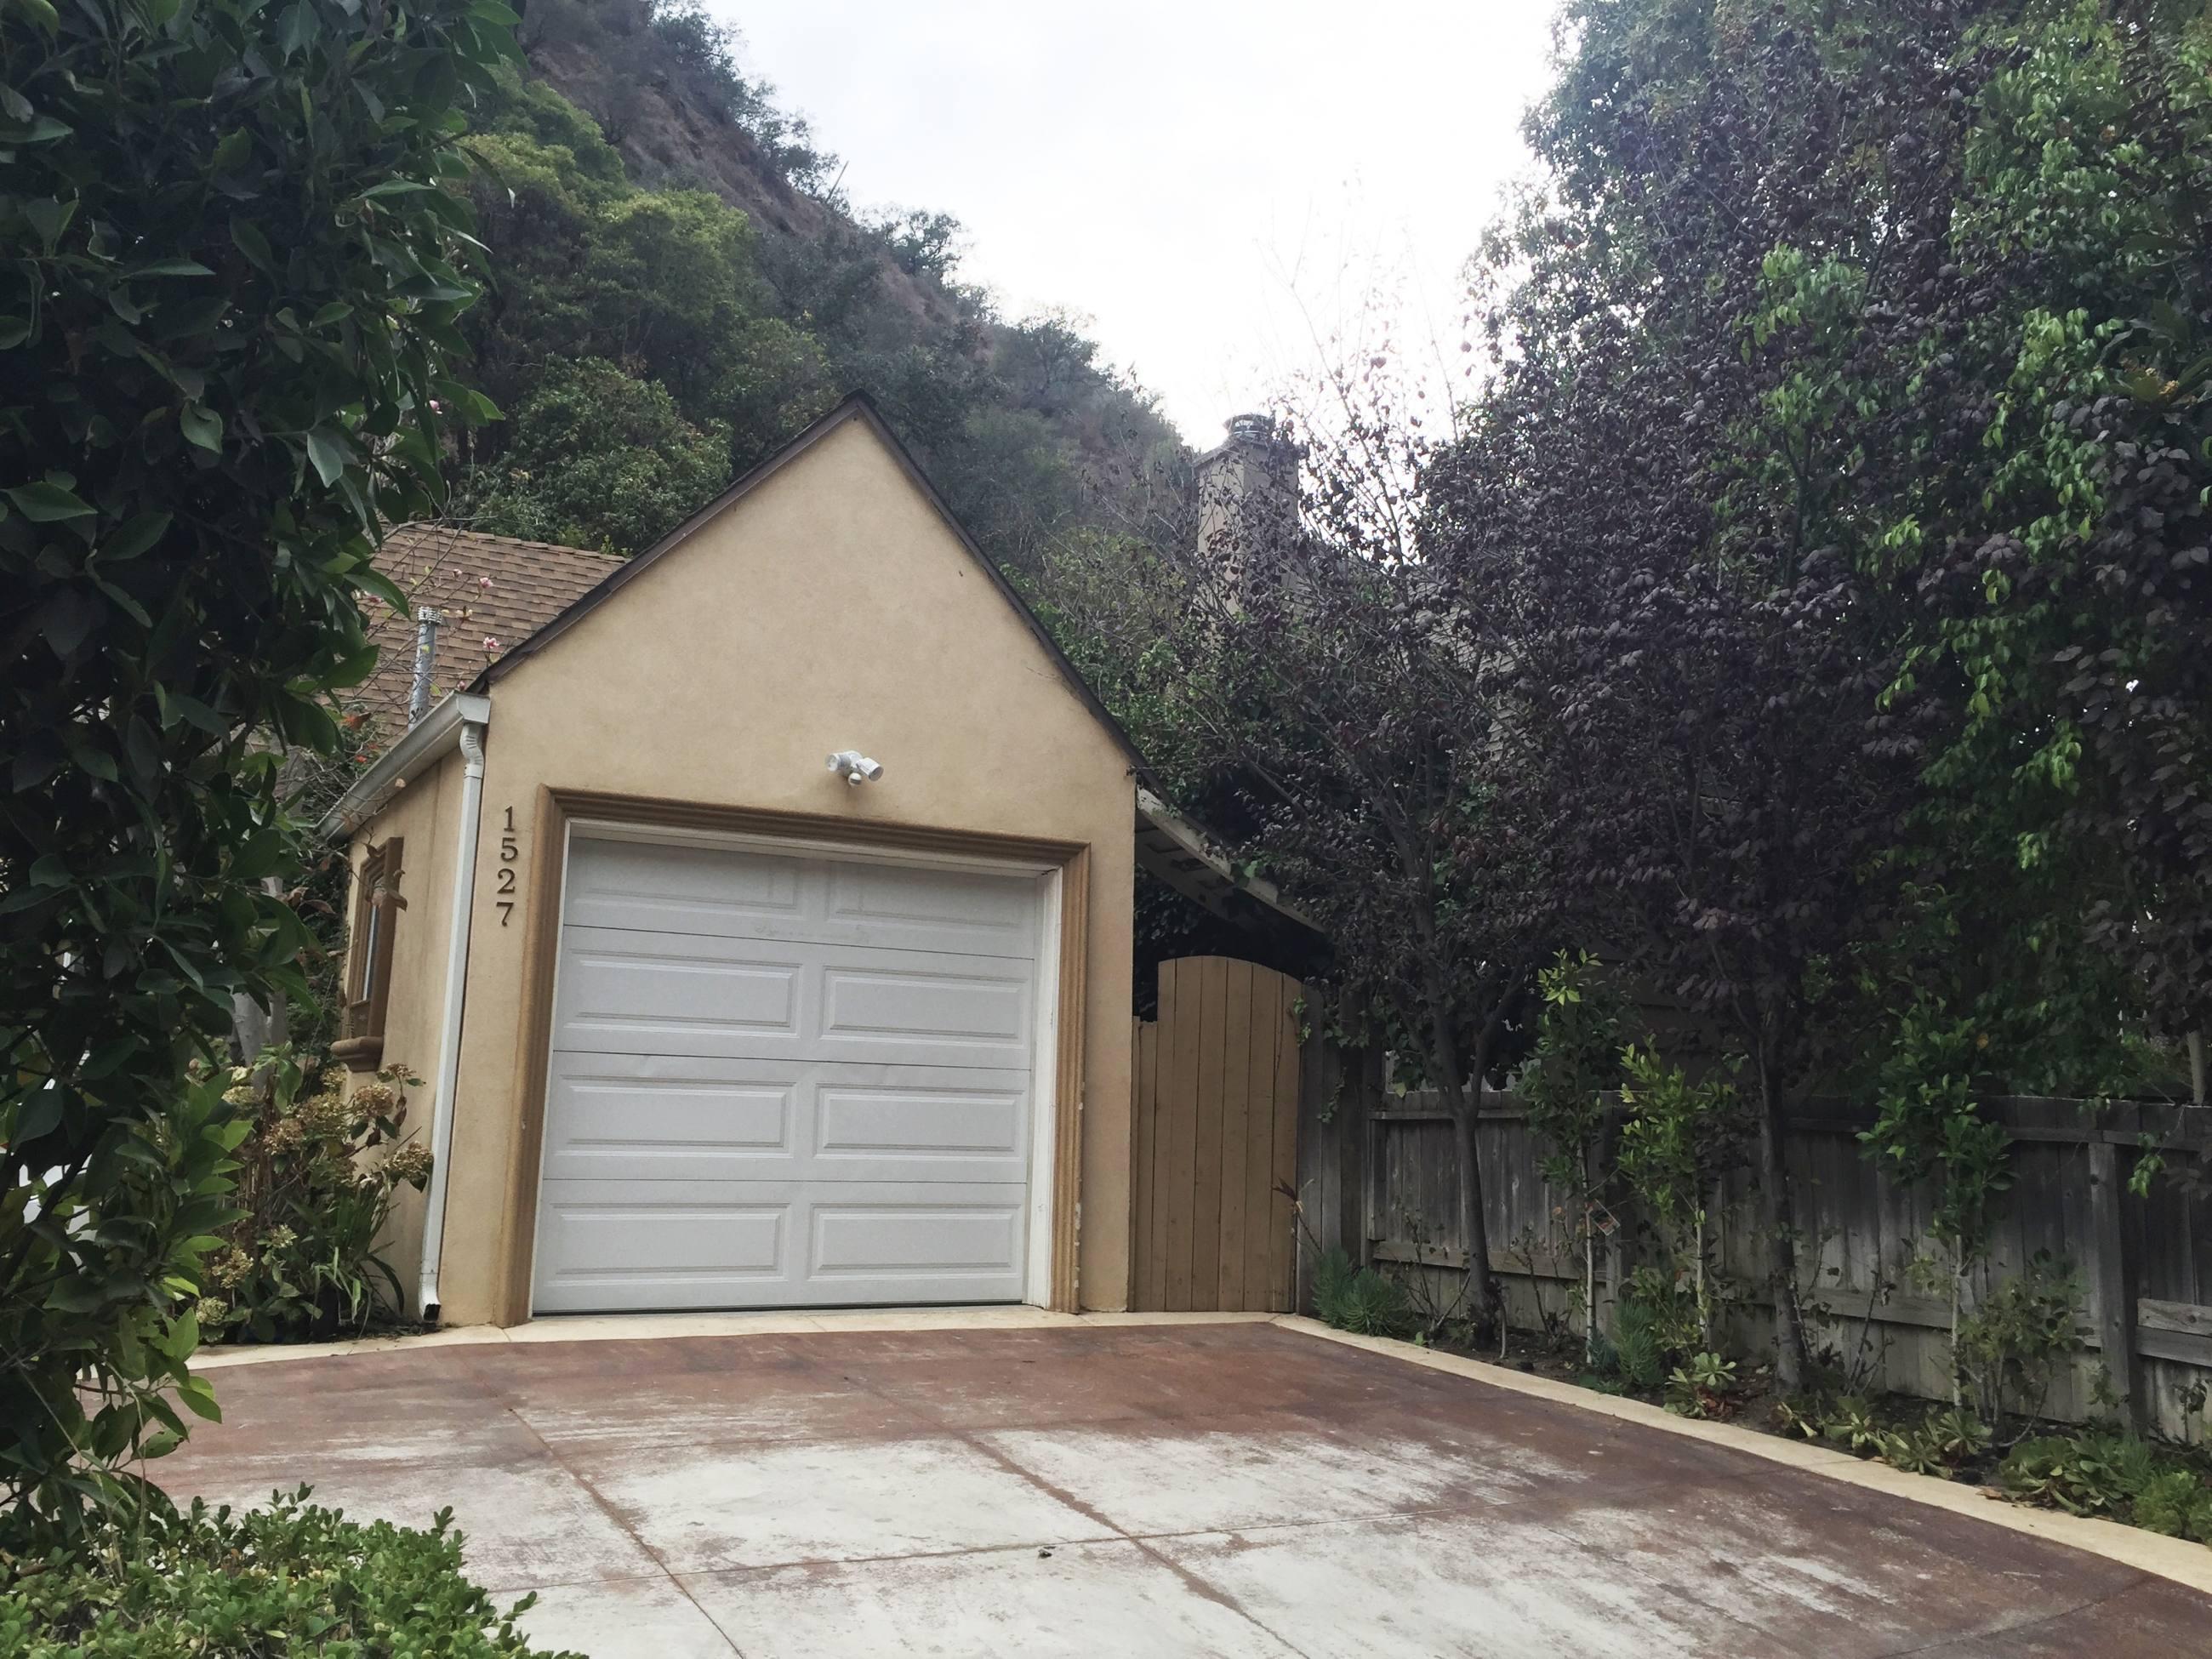 Robert Durst Murder House in Beverly Hills